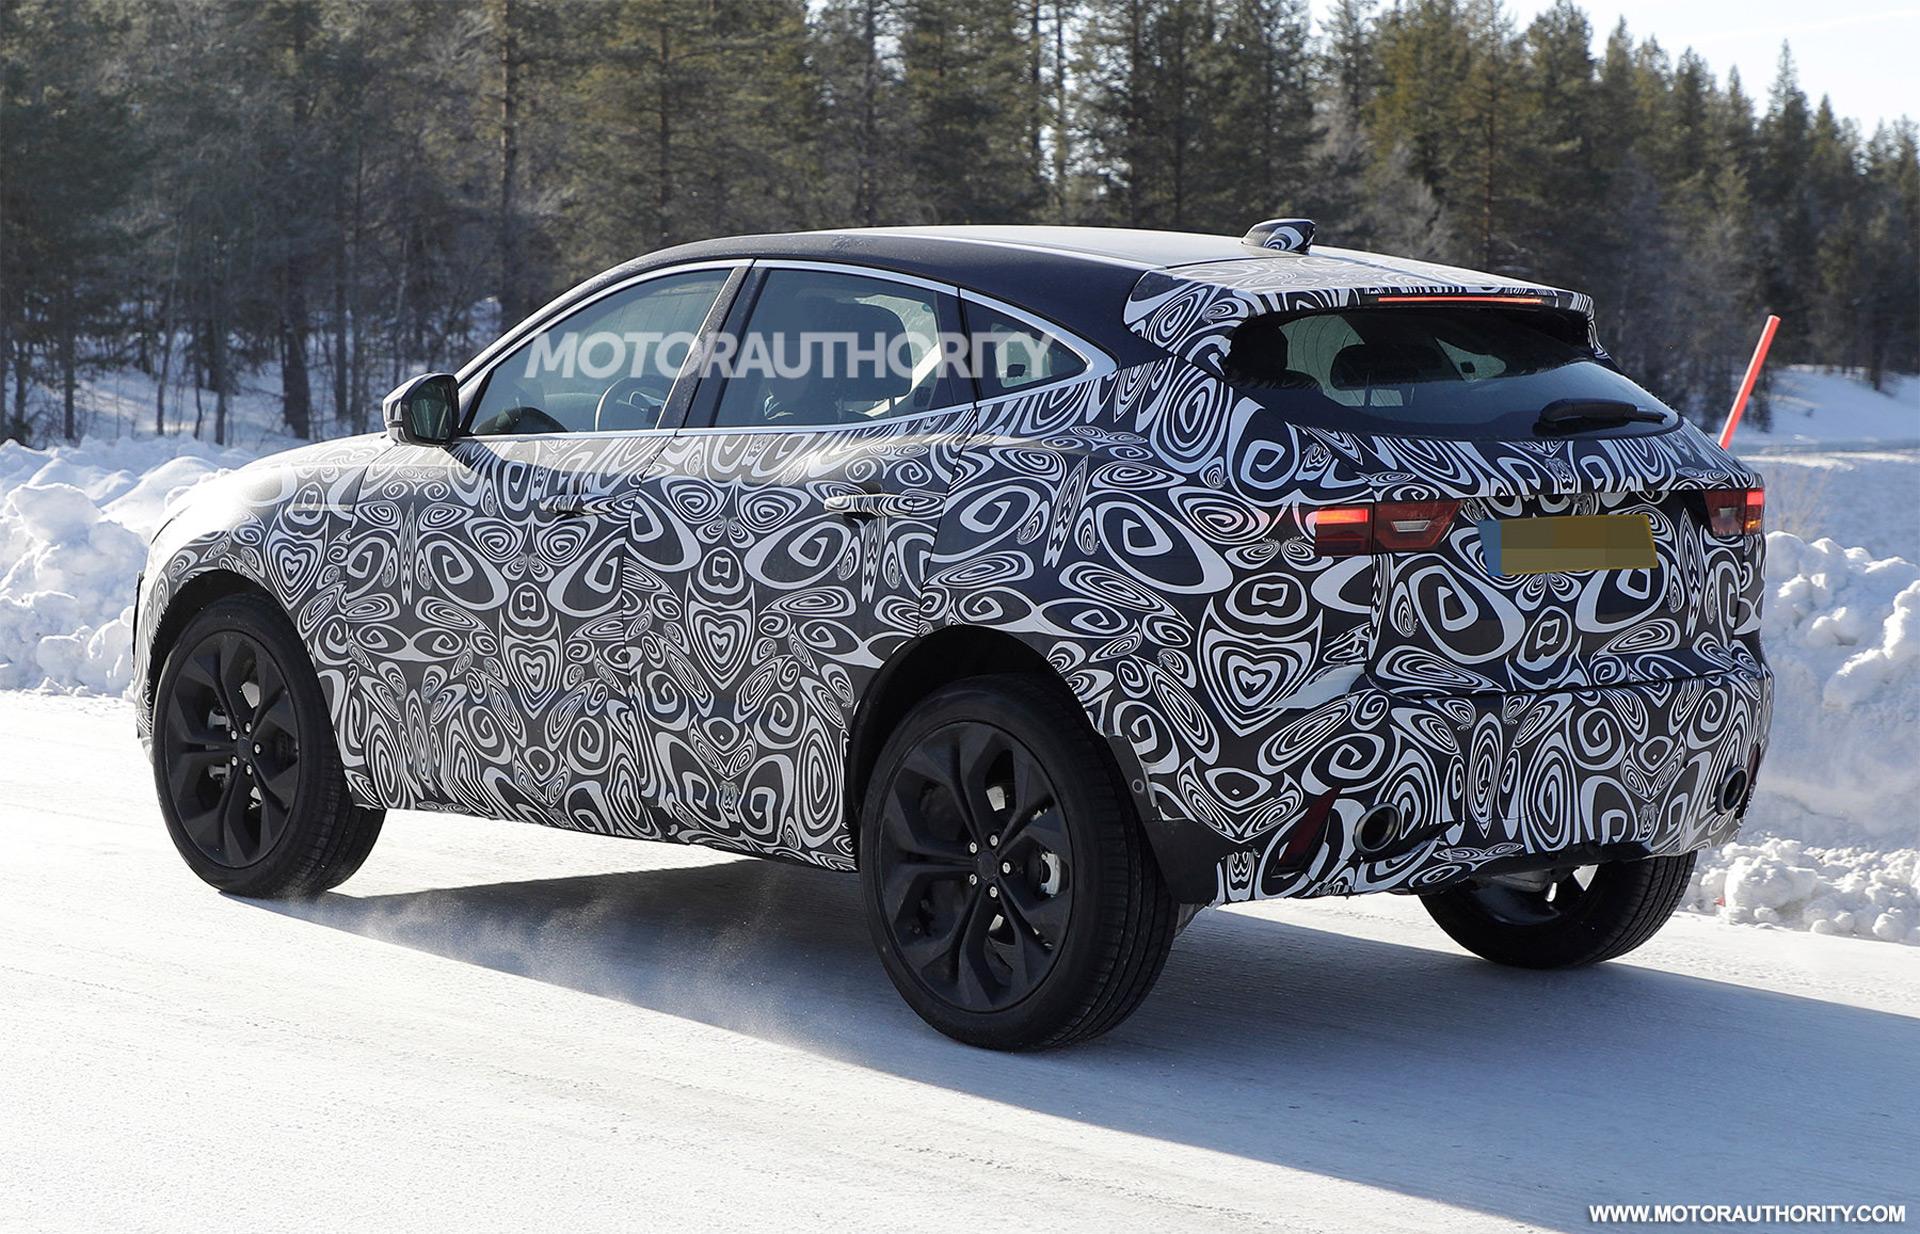 2017 - [Jaguar] E-Pace - Page 6 2021-jaguar-e-pace-facelift-spy-shots--photo-credit-s-baldauf-sb-medien_100737575_h